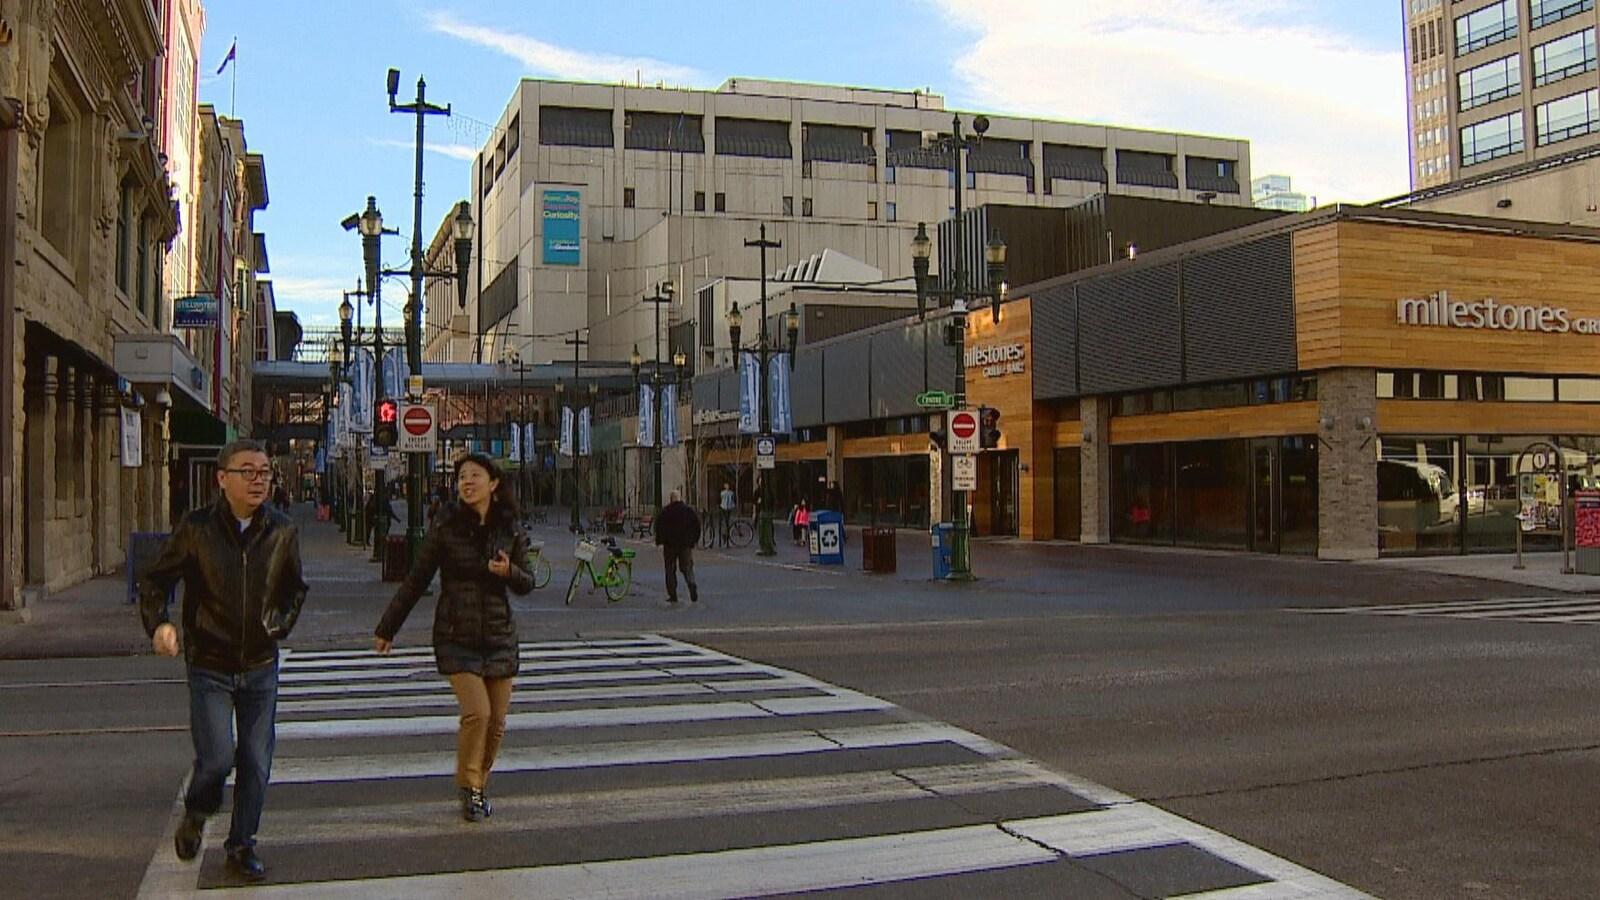 Deux personnes marchent dans une rue du centre-ville.